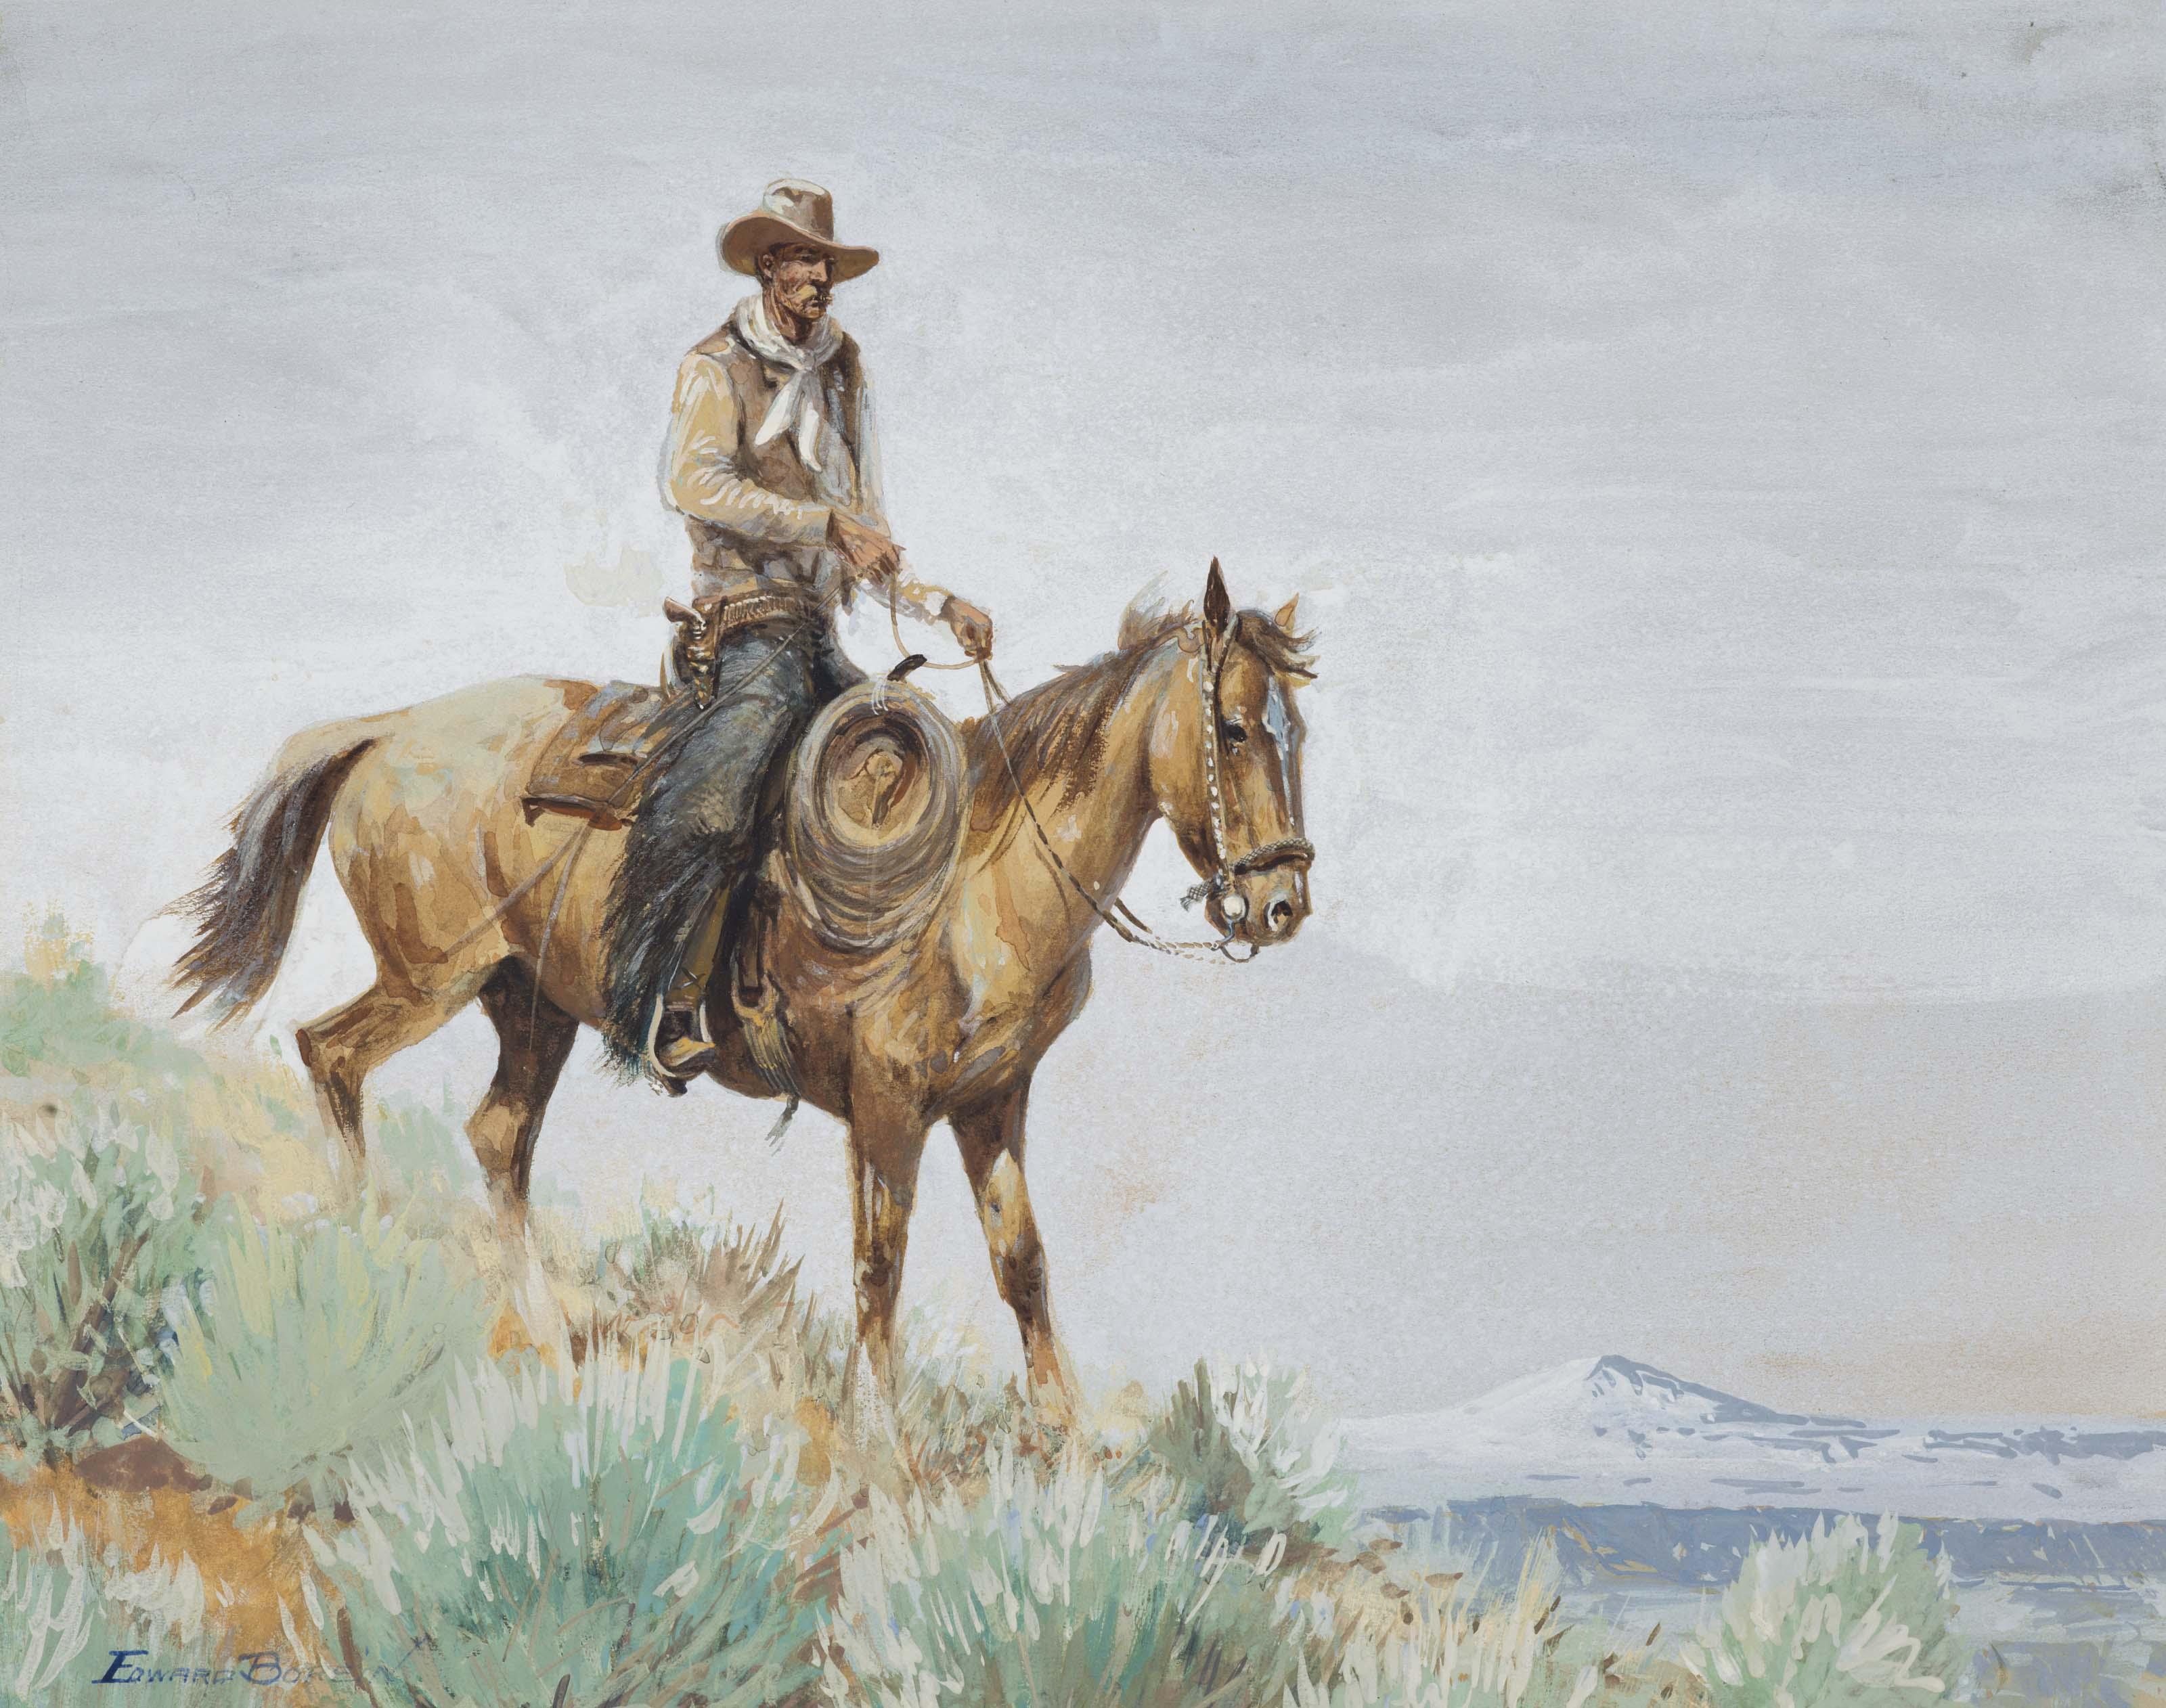 Mounted Cowboy